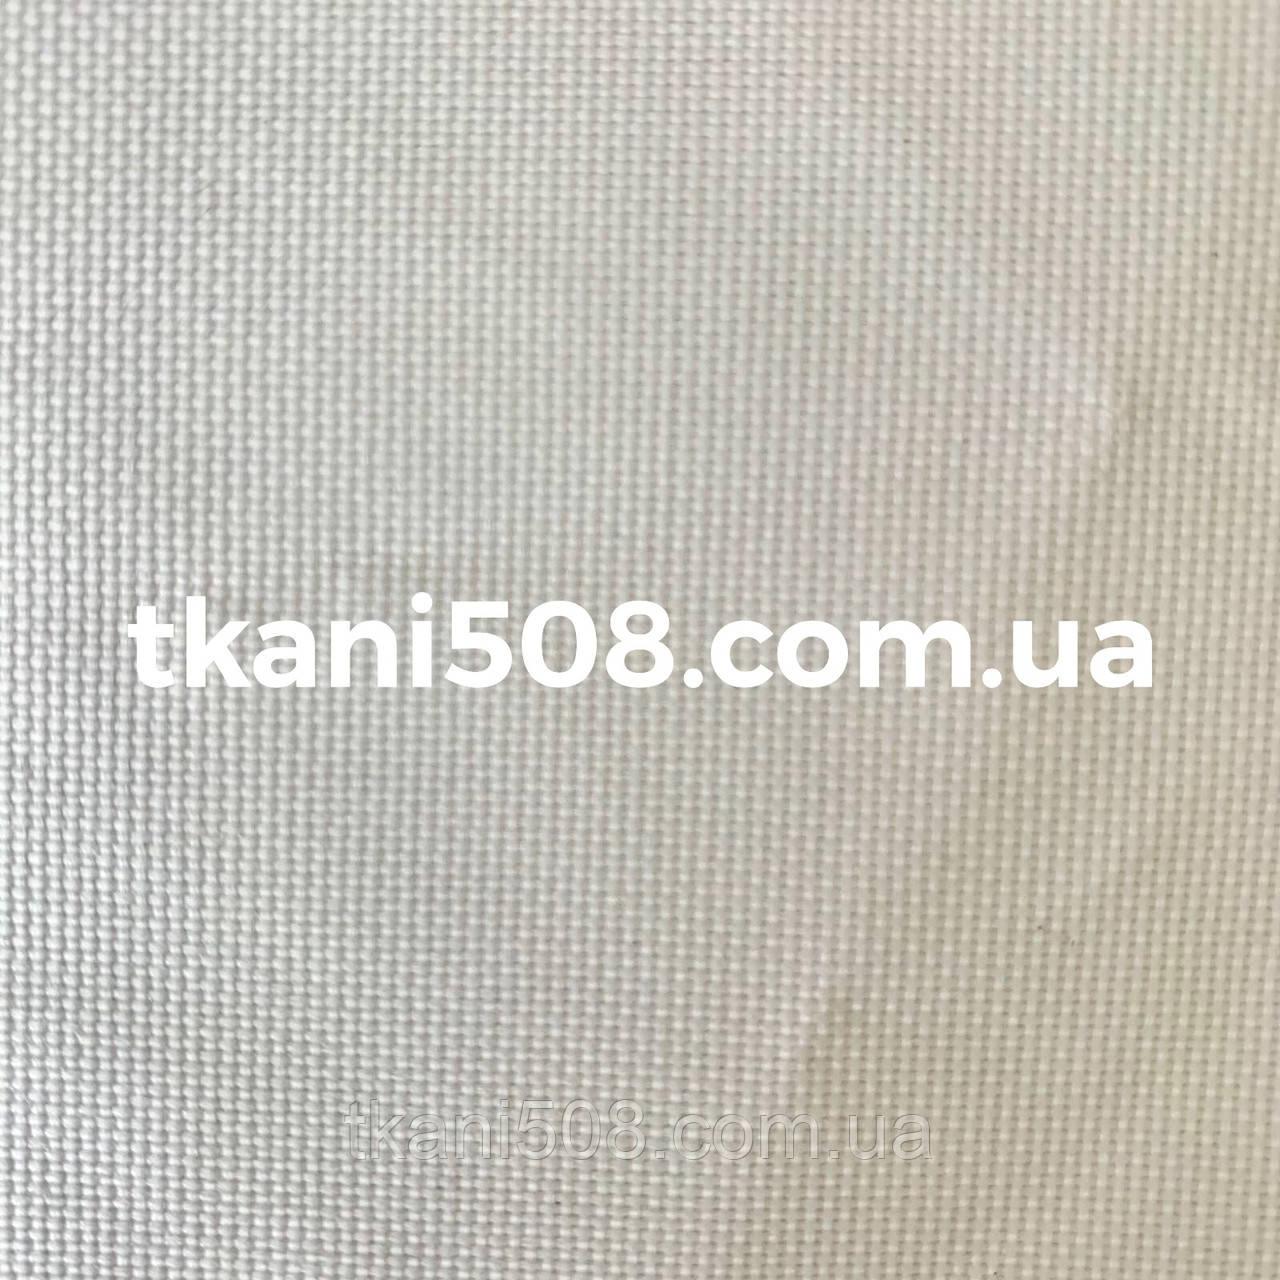 Наметова тканина Молочний